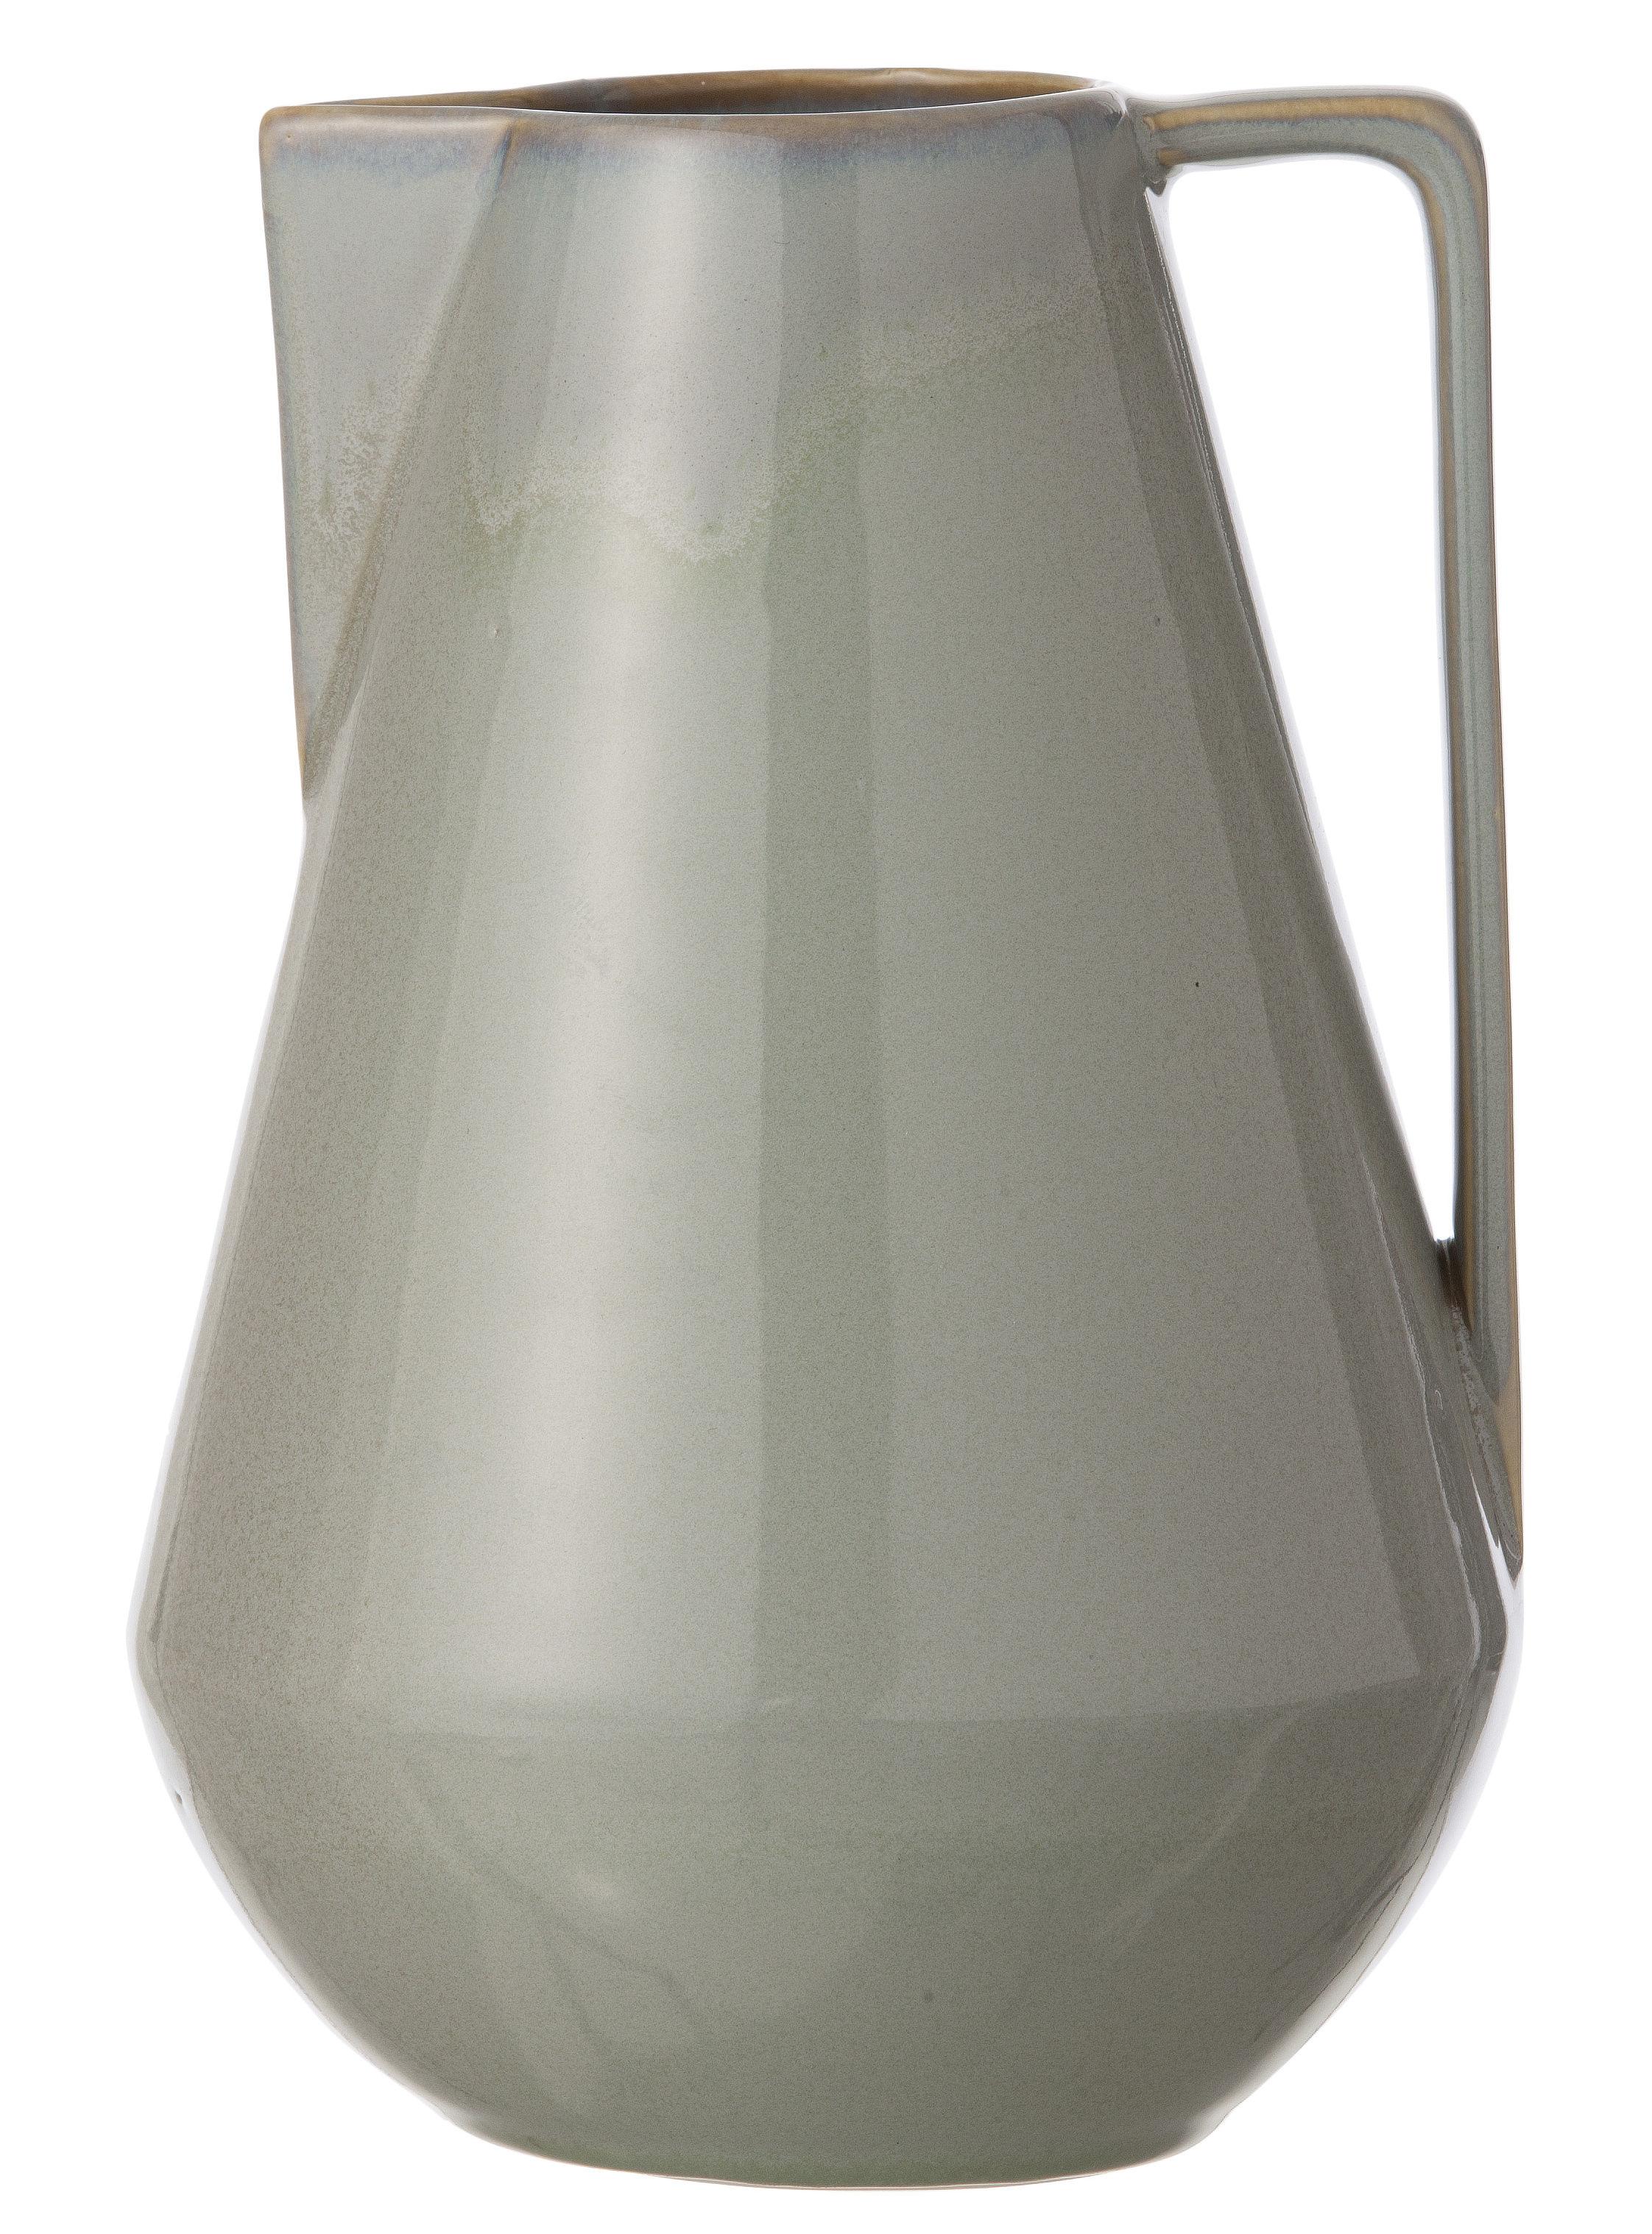 Arts de la table - Carafes et décanteurs - Carafe Neu Large / Ø 15 x H 22 cm - Ferm Living - Gris - Céramique émaillée